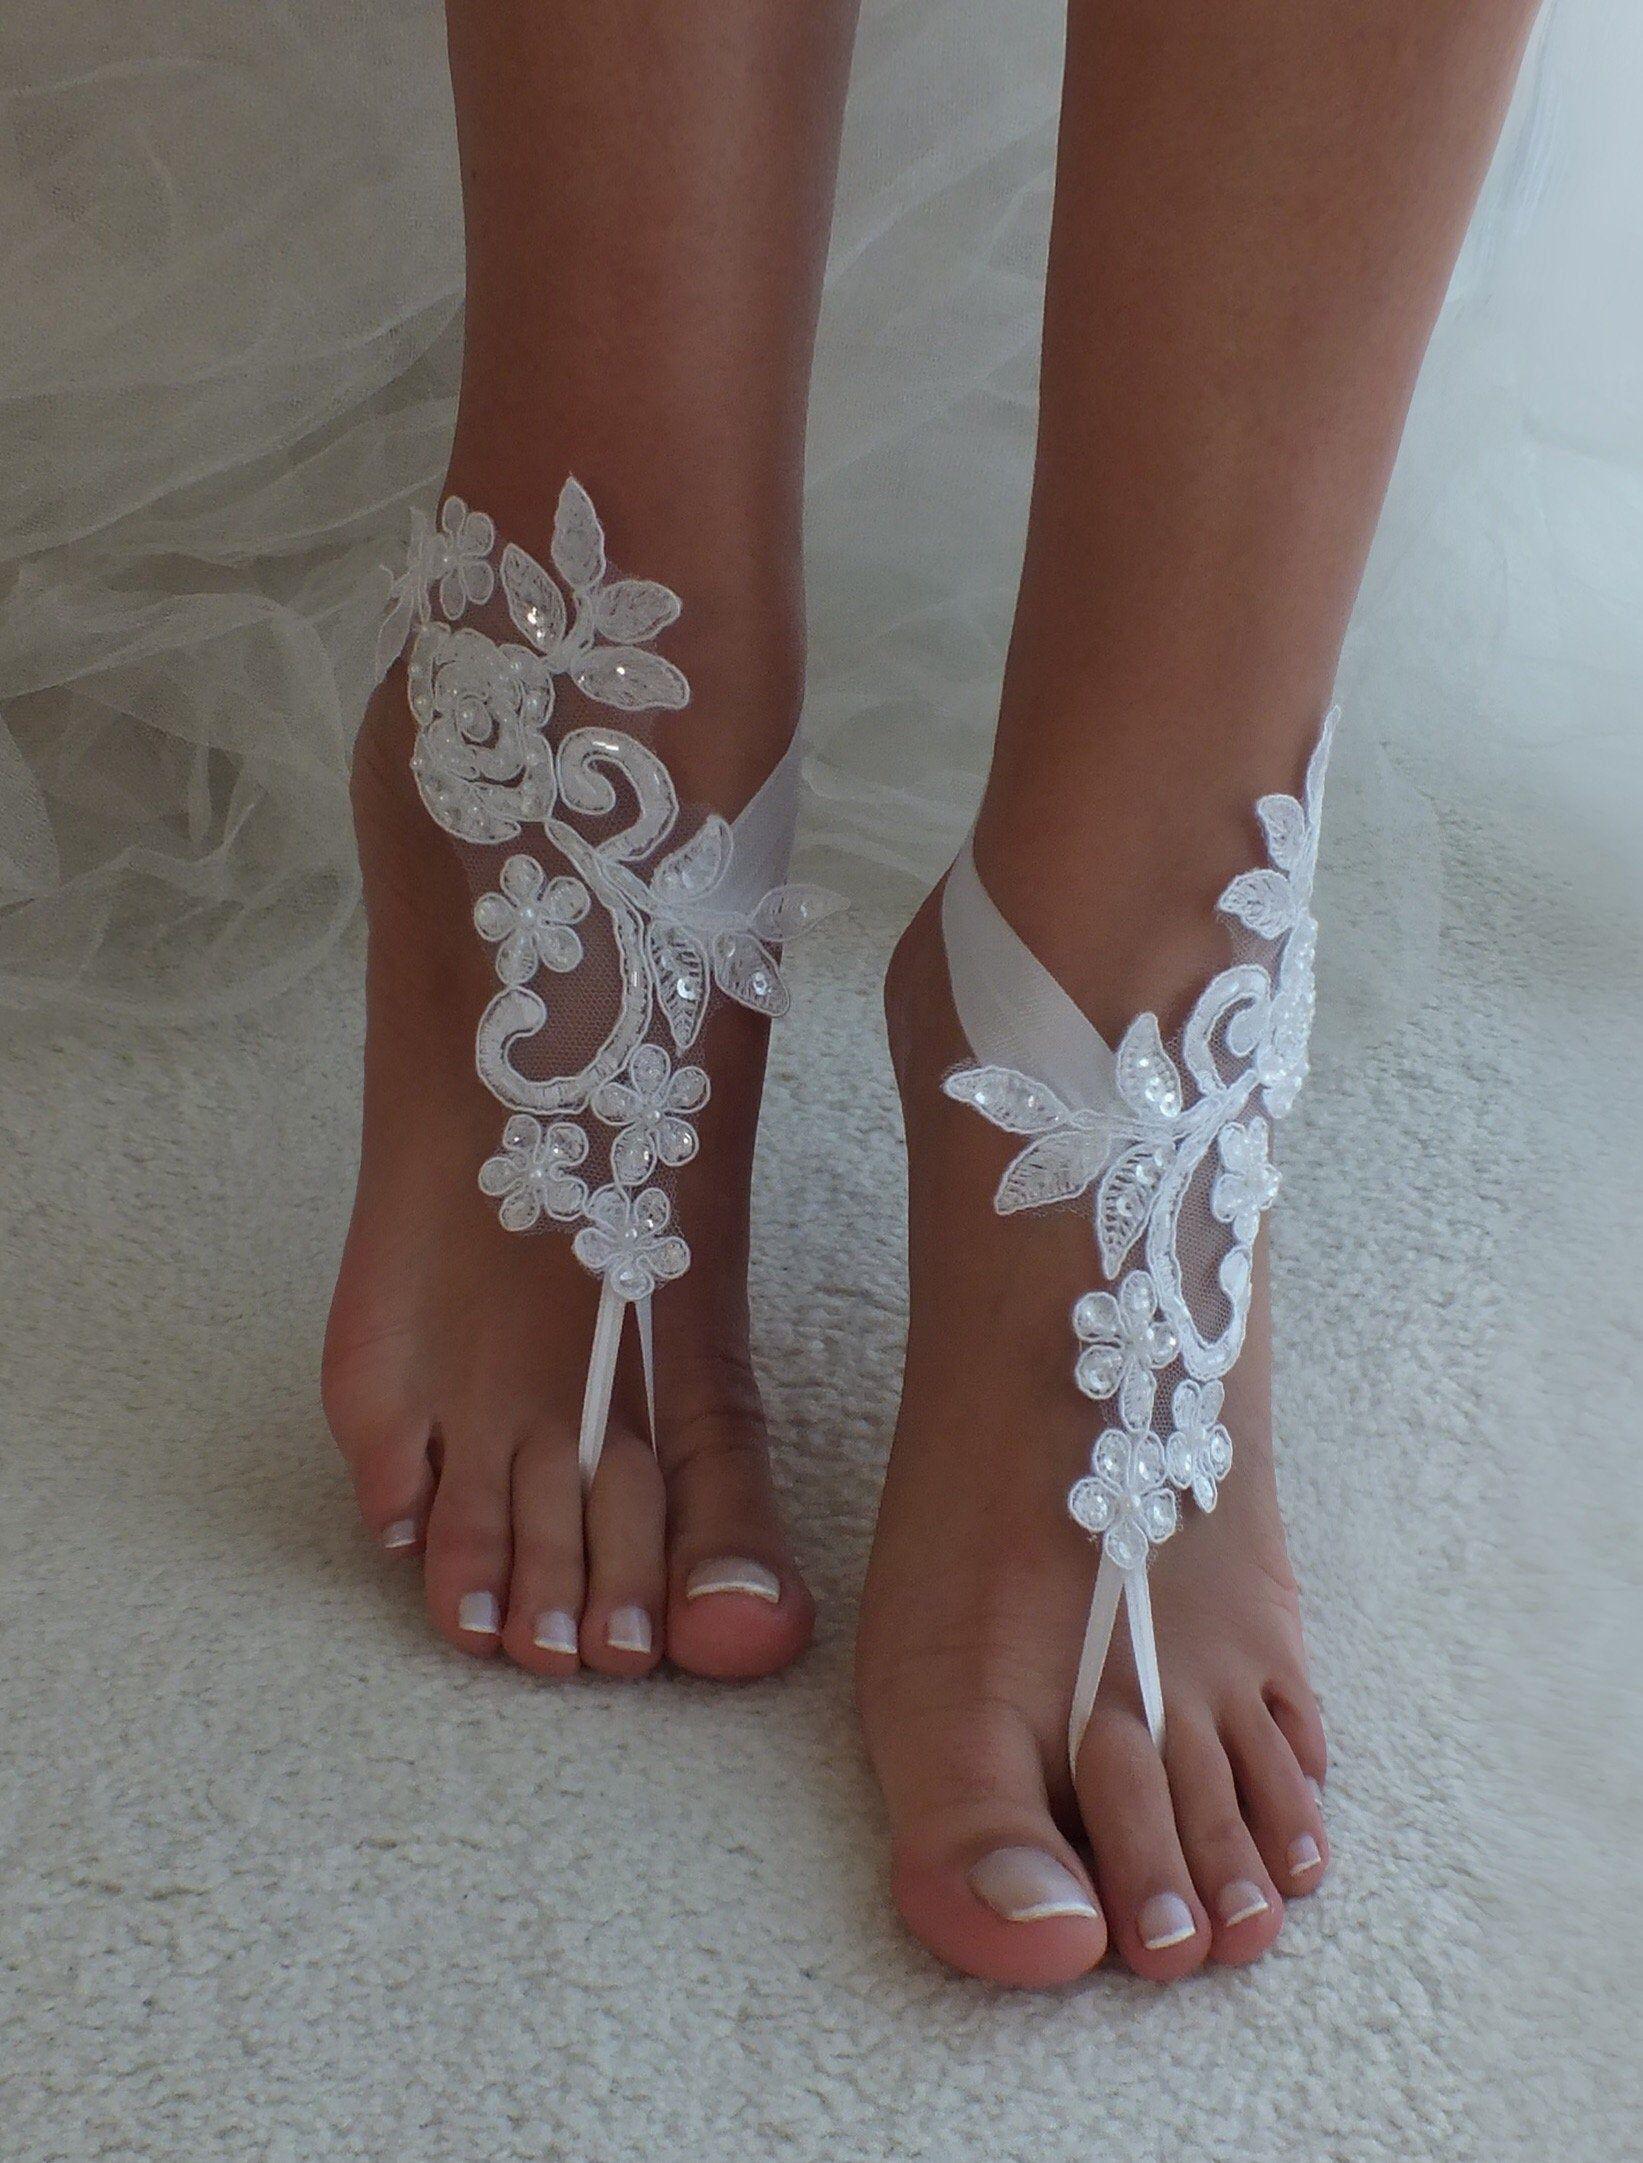 Express Versand 6 Farben Strandhochzeit Barfuss Sandalen Hochzeitsschuhe Strandschuhe Brautzub In 2020 Barfuss Sandalen Hochzeit Schuhe Hochzeit Hochzeitsschuhe